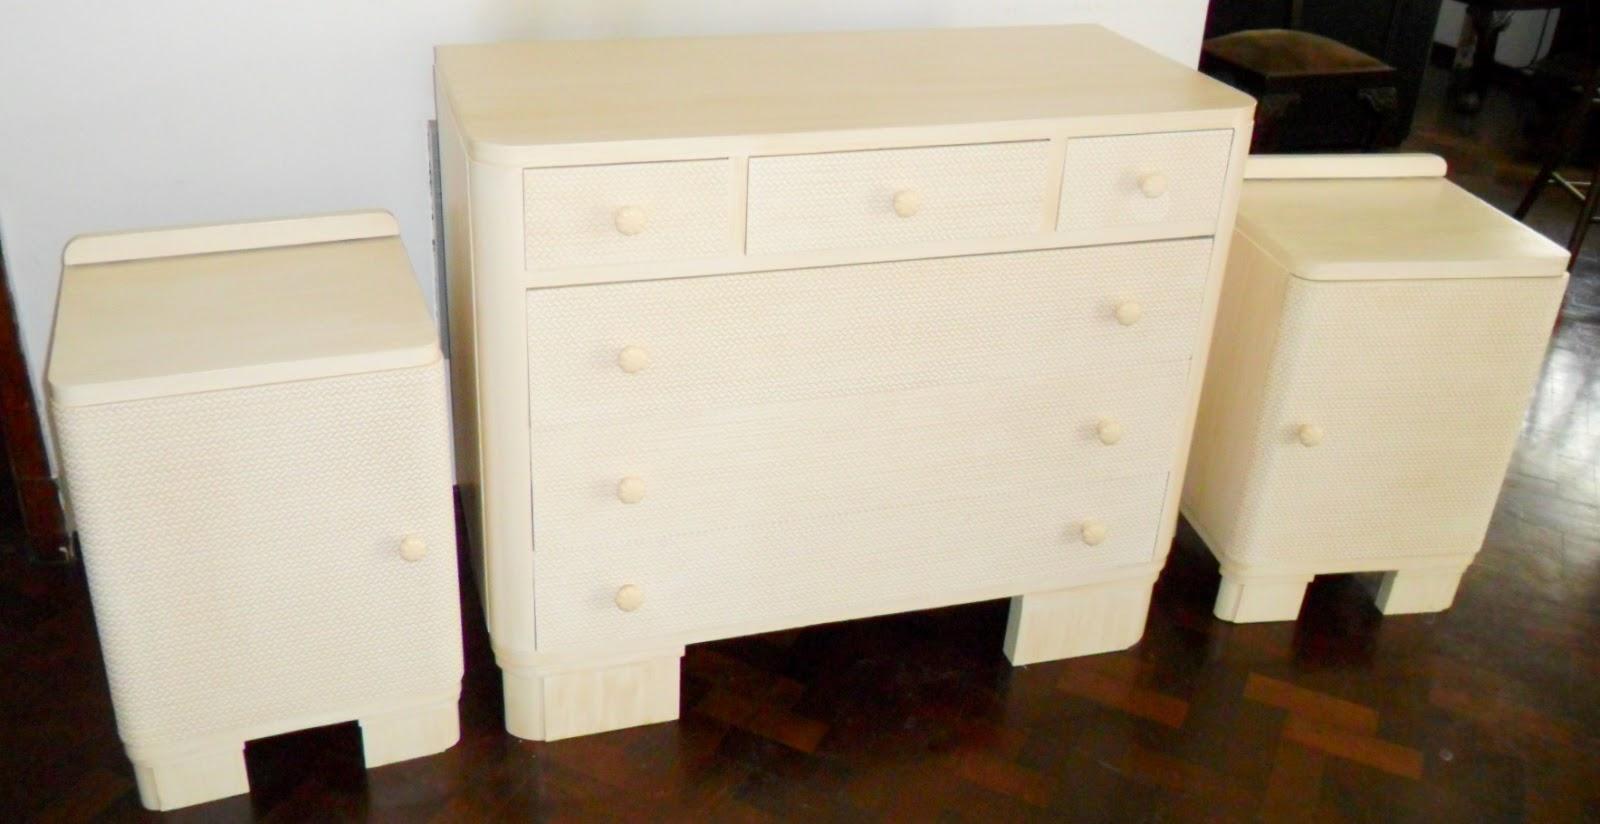 Deco Project Reciclados De Muebles Y Objetos Funes Santa Fe  # Muebles Empapelados